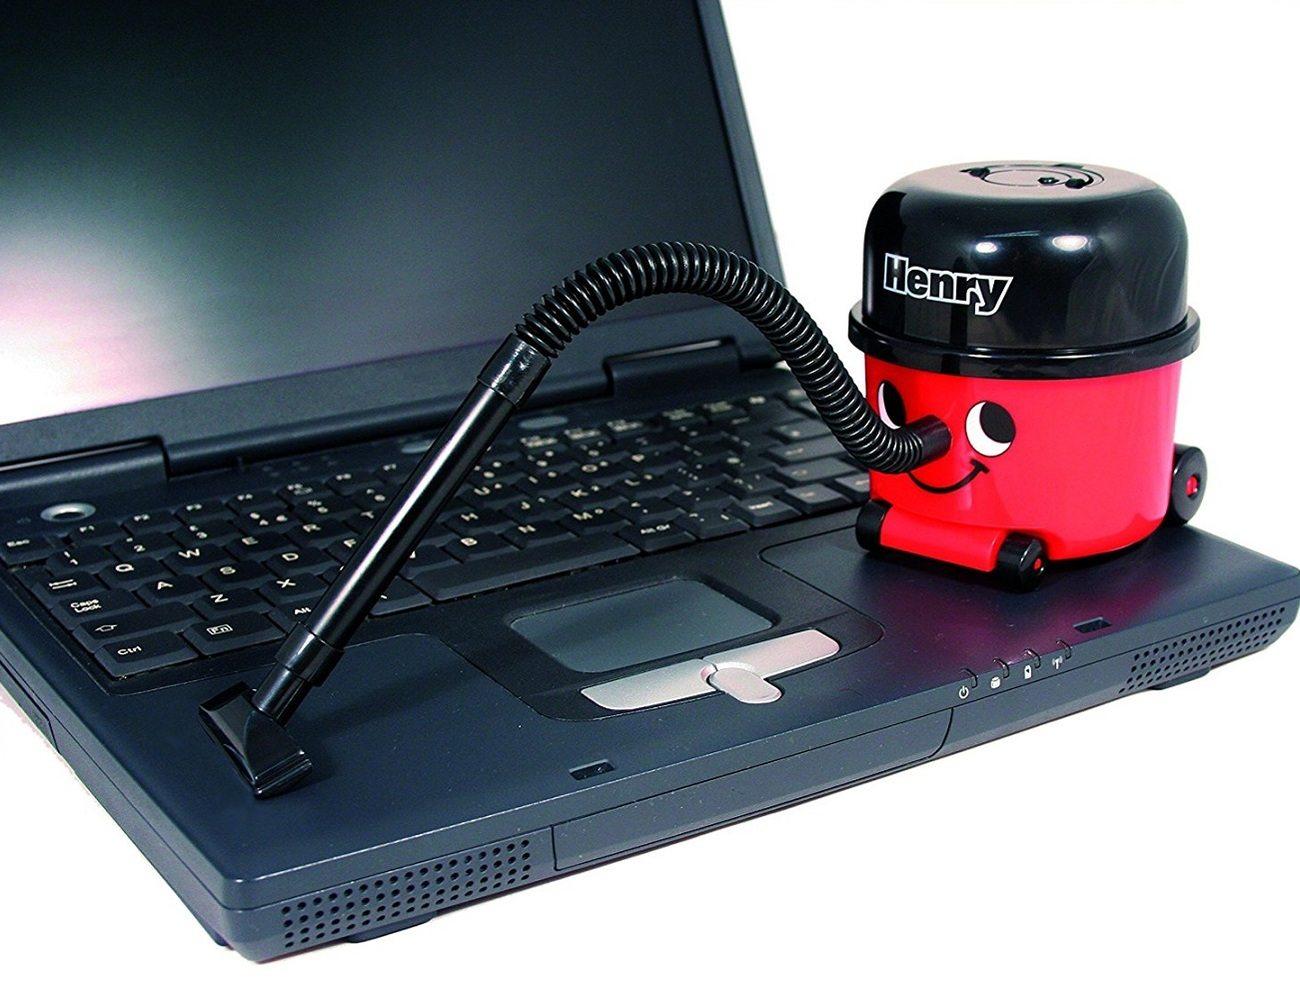 Henry Desktop Vacuum Cleaner · Henry Desktop Vacuum Cleaner